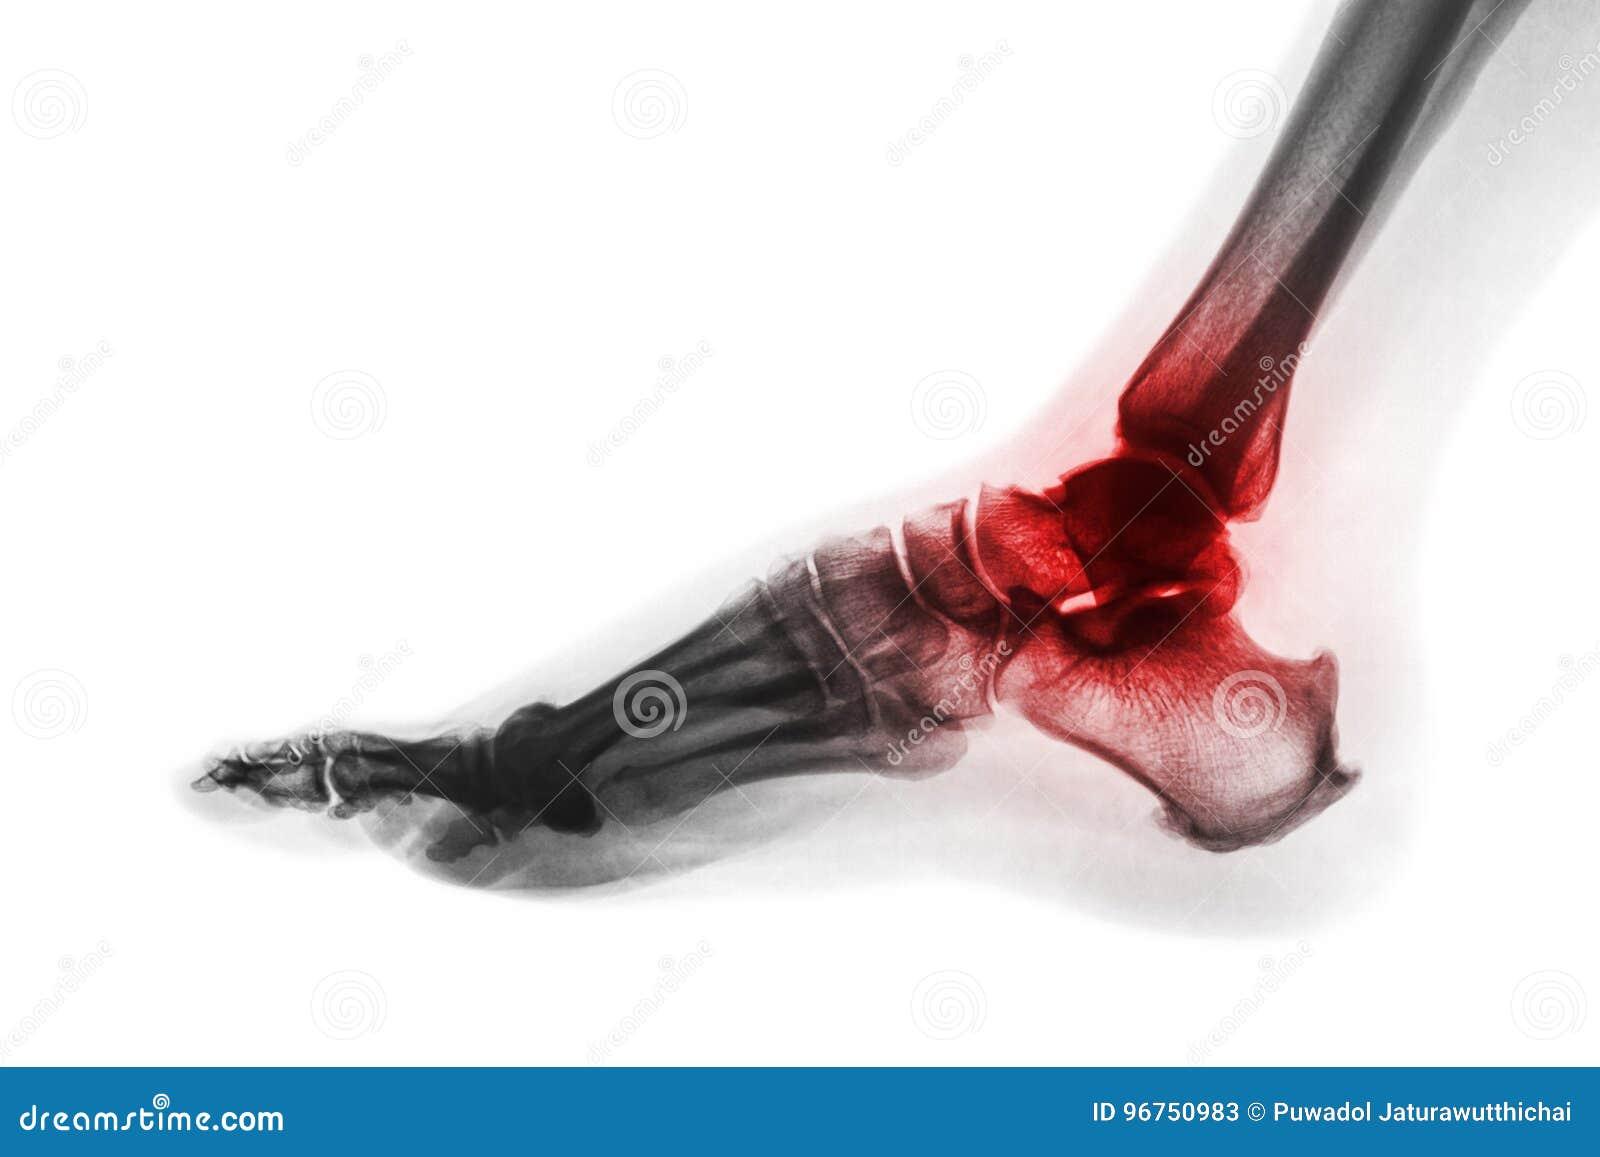 Artritis van enkel RÖNTGENSTRAAL VAN VOET bij concours in Zuid-Florida Keer kleurenstijl om Jicht of Reumatoïde concept